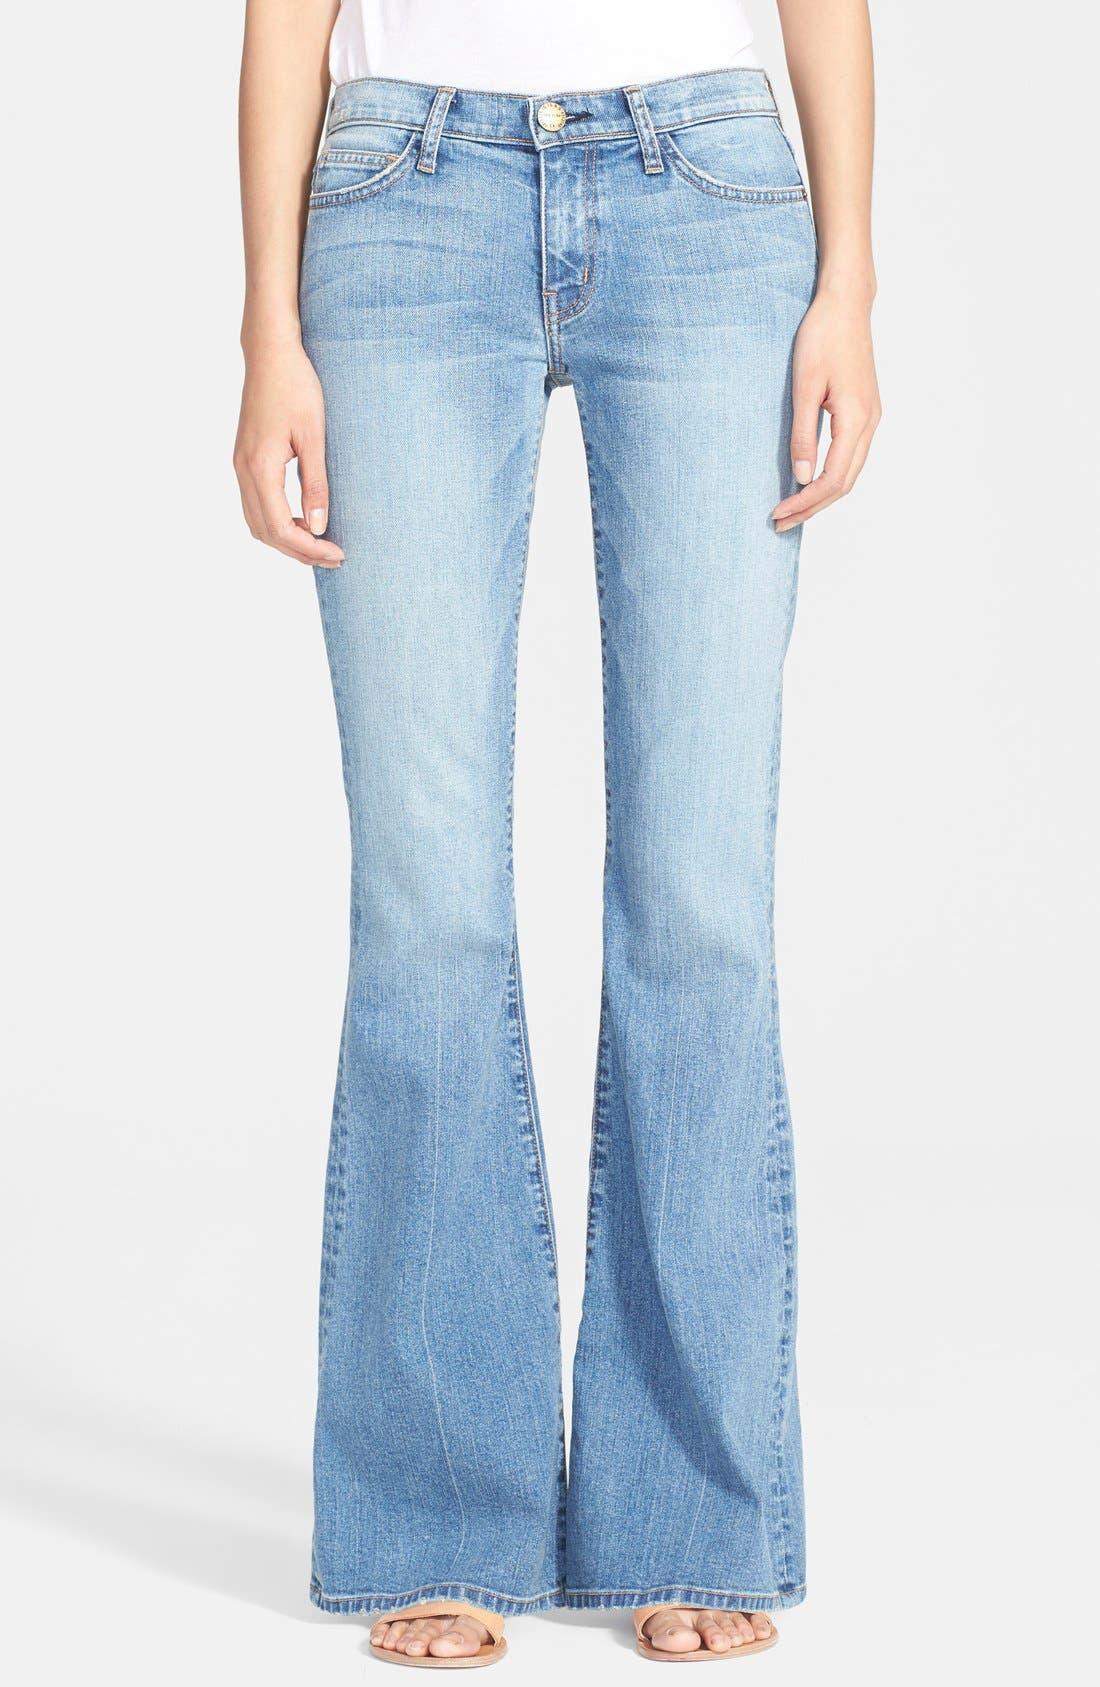 Alternate Image 1 Selected - Current/Elliott Bell Bottom Jeans (Heirloom)